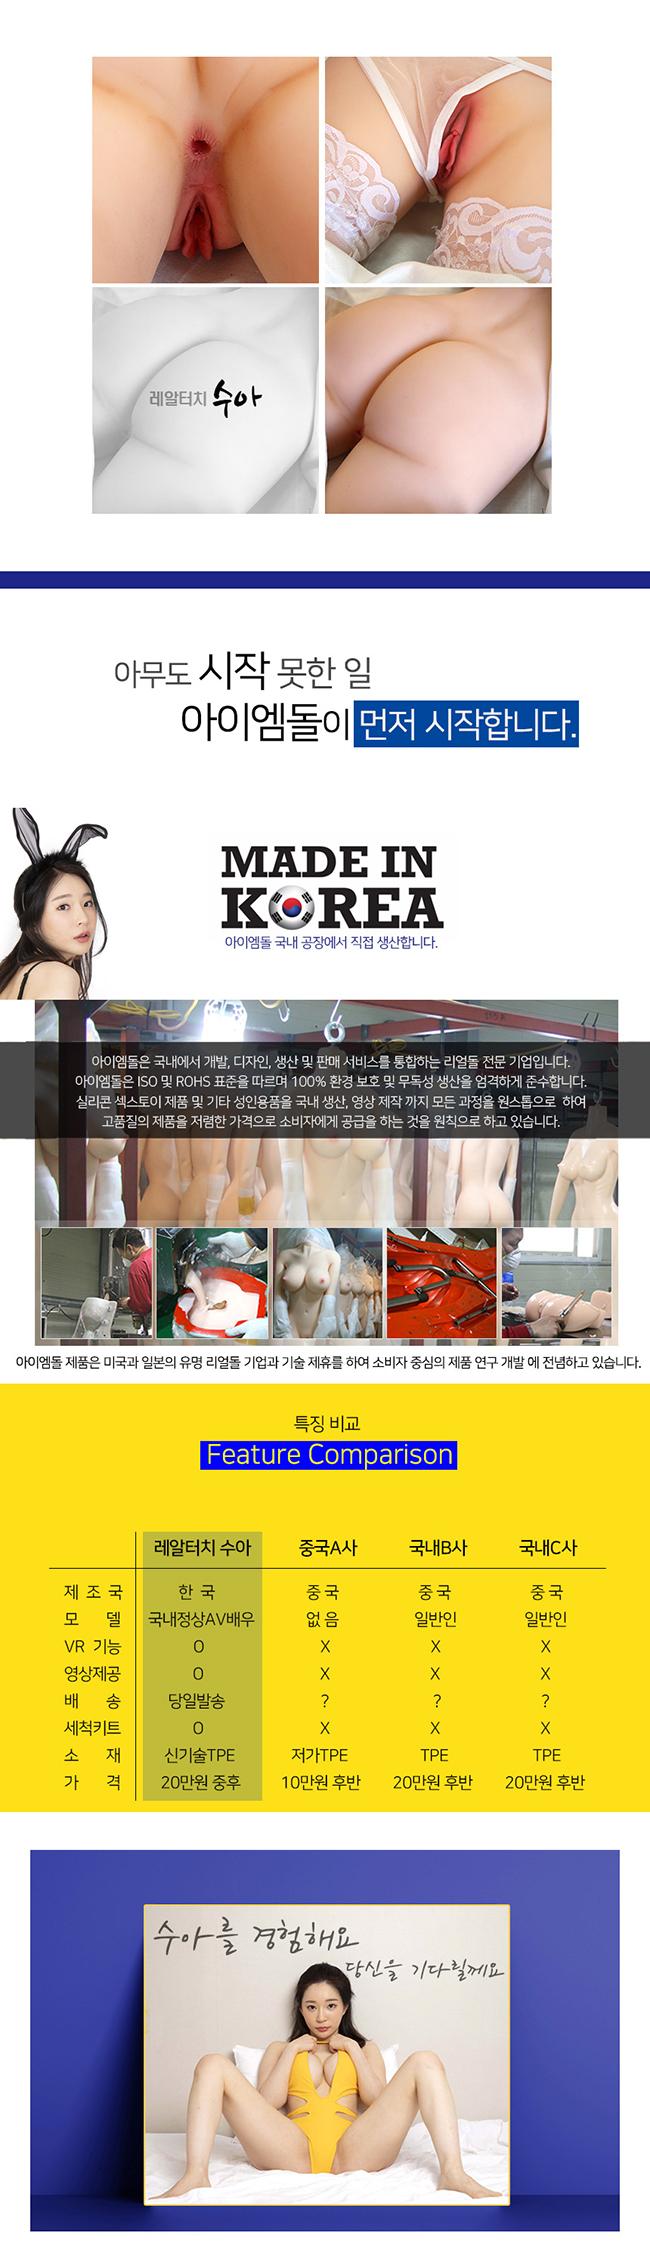 [1:1 리얼힙+VR기기] 레알 터치 수아 - 망고(Real Touch Sua Mango) - 4D VR/아이엠돌